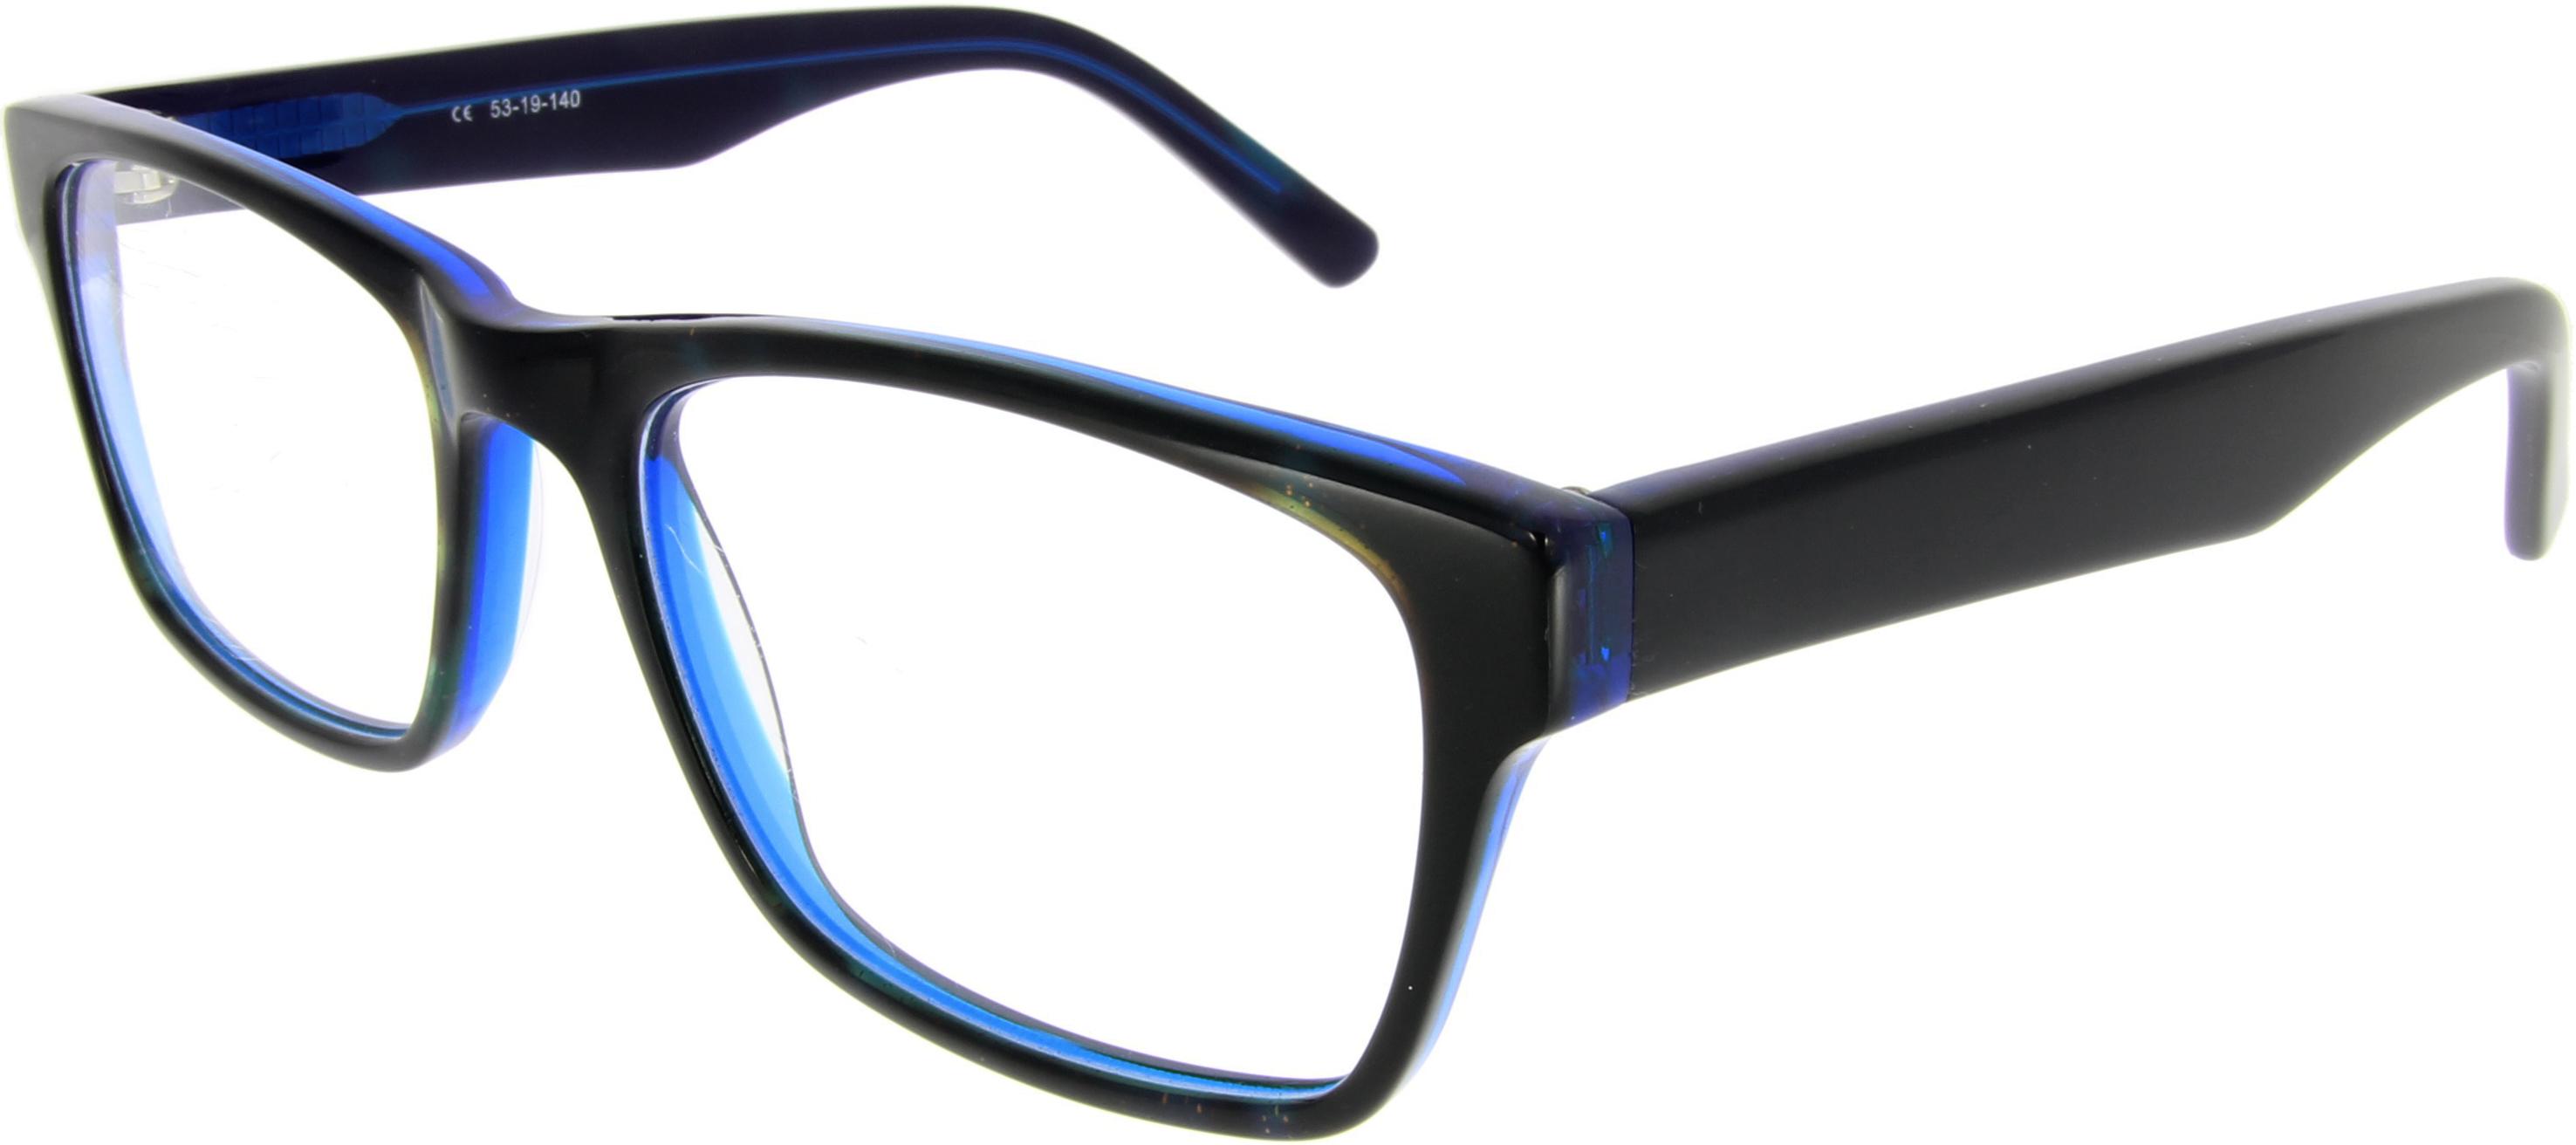 Brillen günstig online kaufen - Brille komplett ab 34,90€